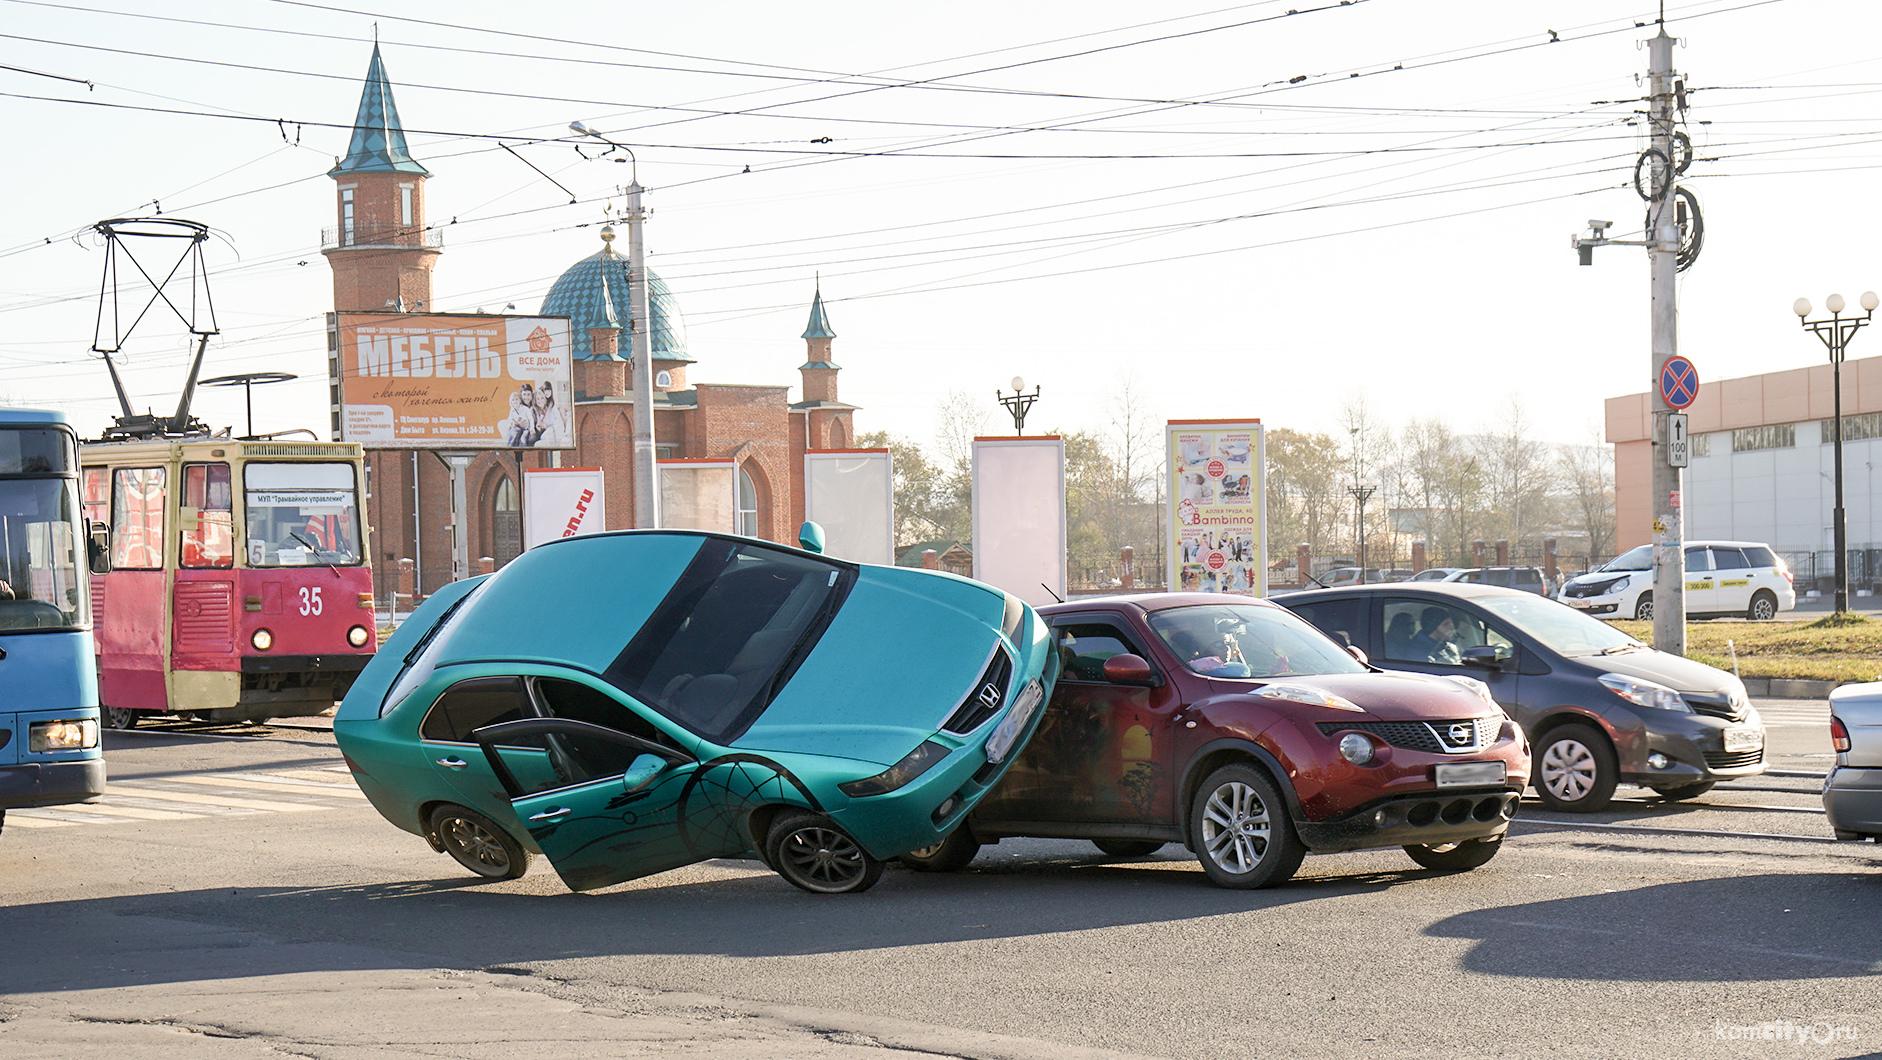 http://www.komcity.ru/i/news/27852/c0847f1ff078ebffa1fd0d5cf51584251508283551.jpg